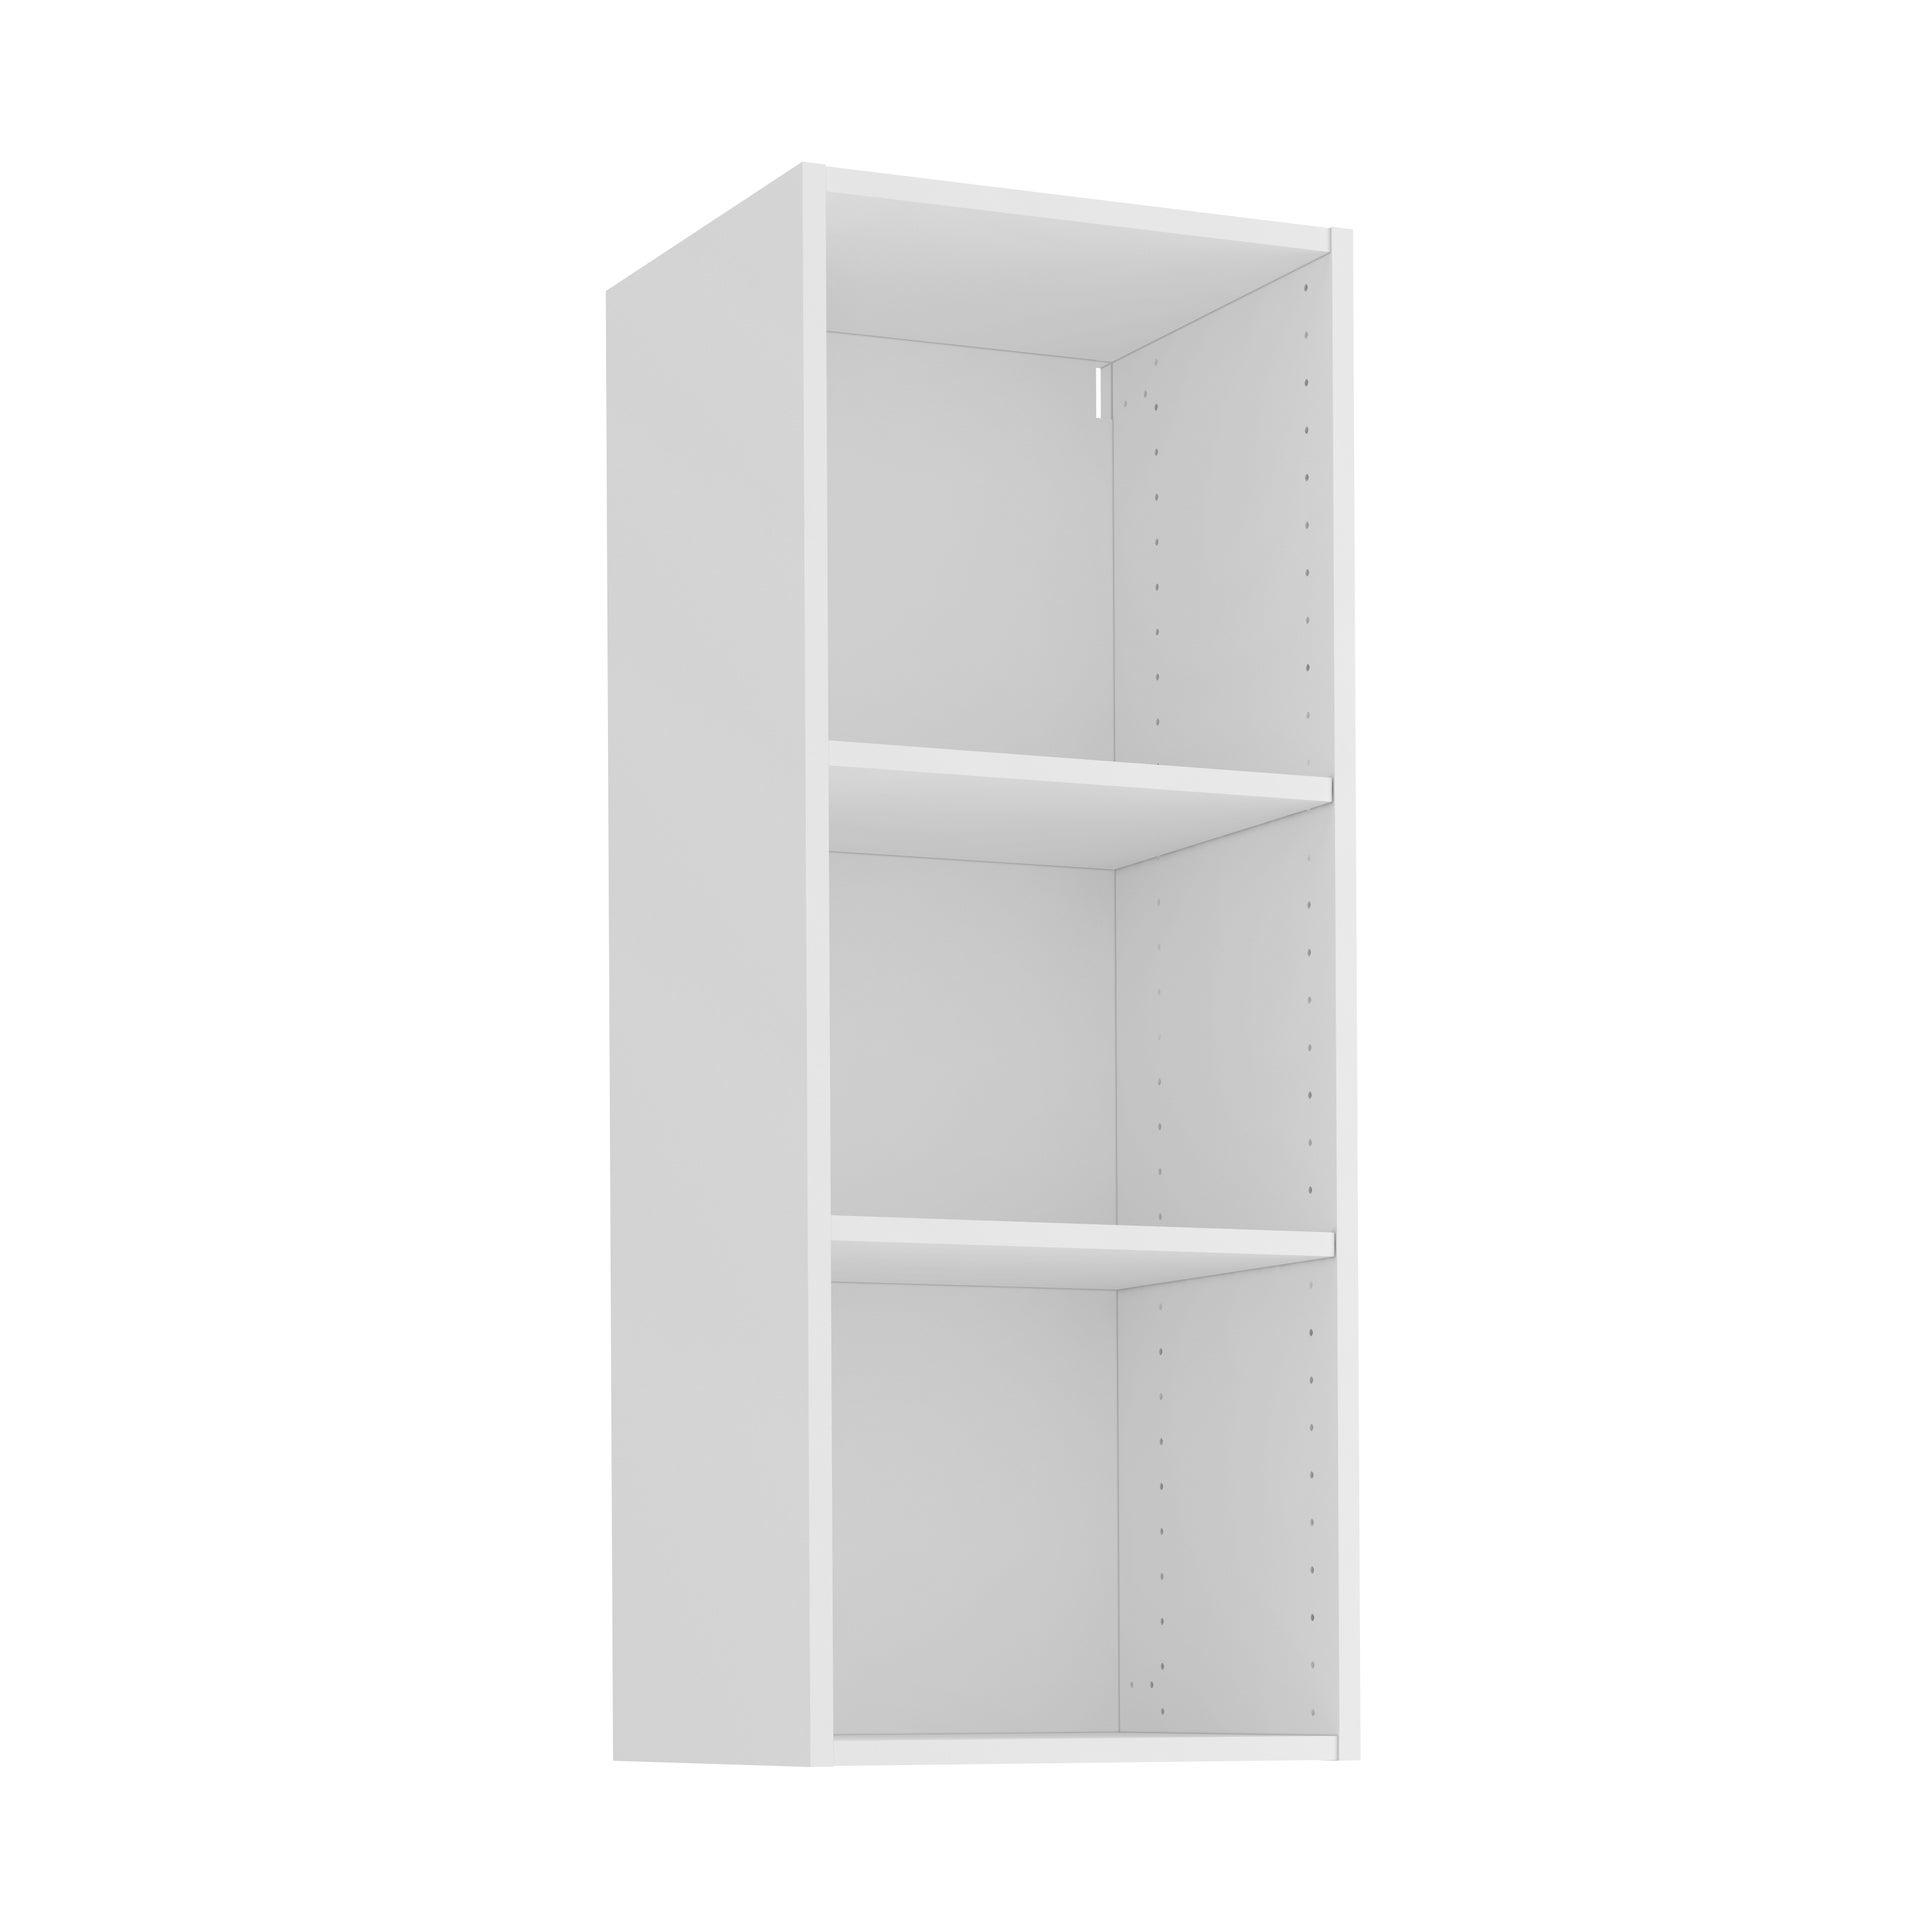 Caisson de cuisine haut DELINIA ID, blanc H.11.11 x l.110 x P.11 cm